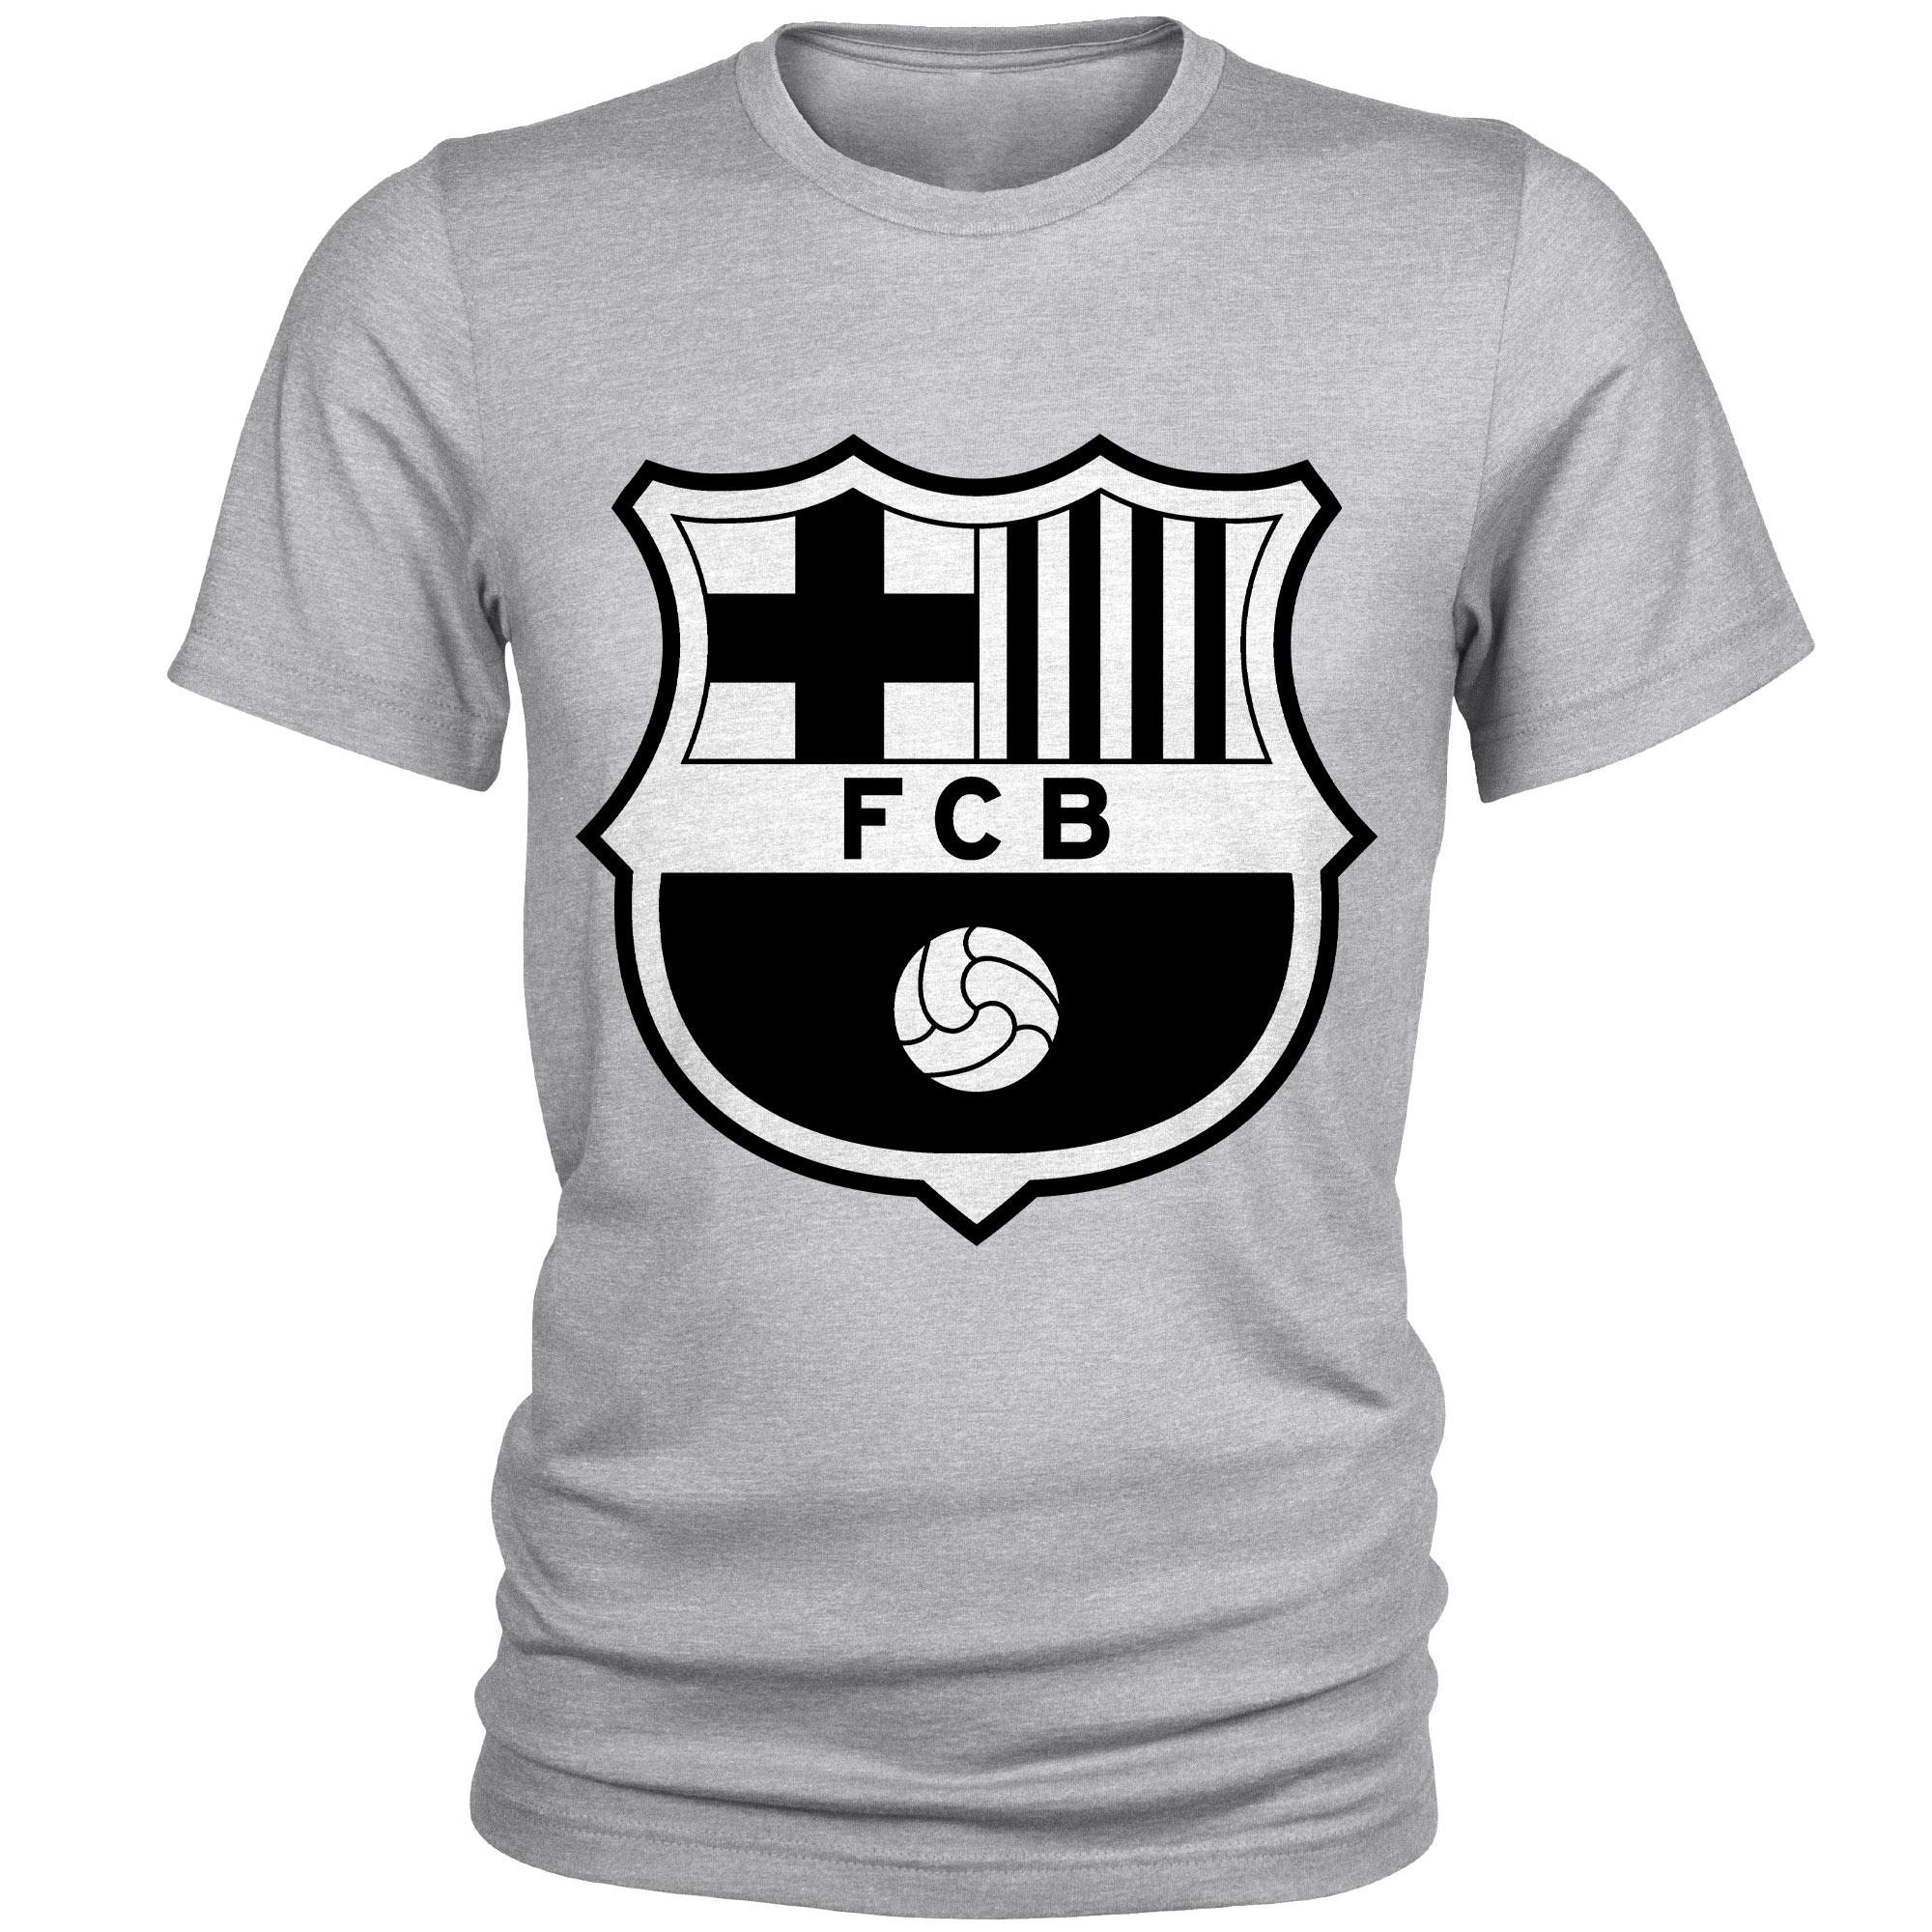 تیشرت مردانه طرح بارسلونا کد S69